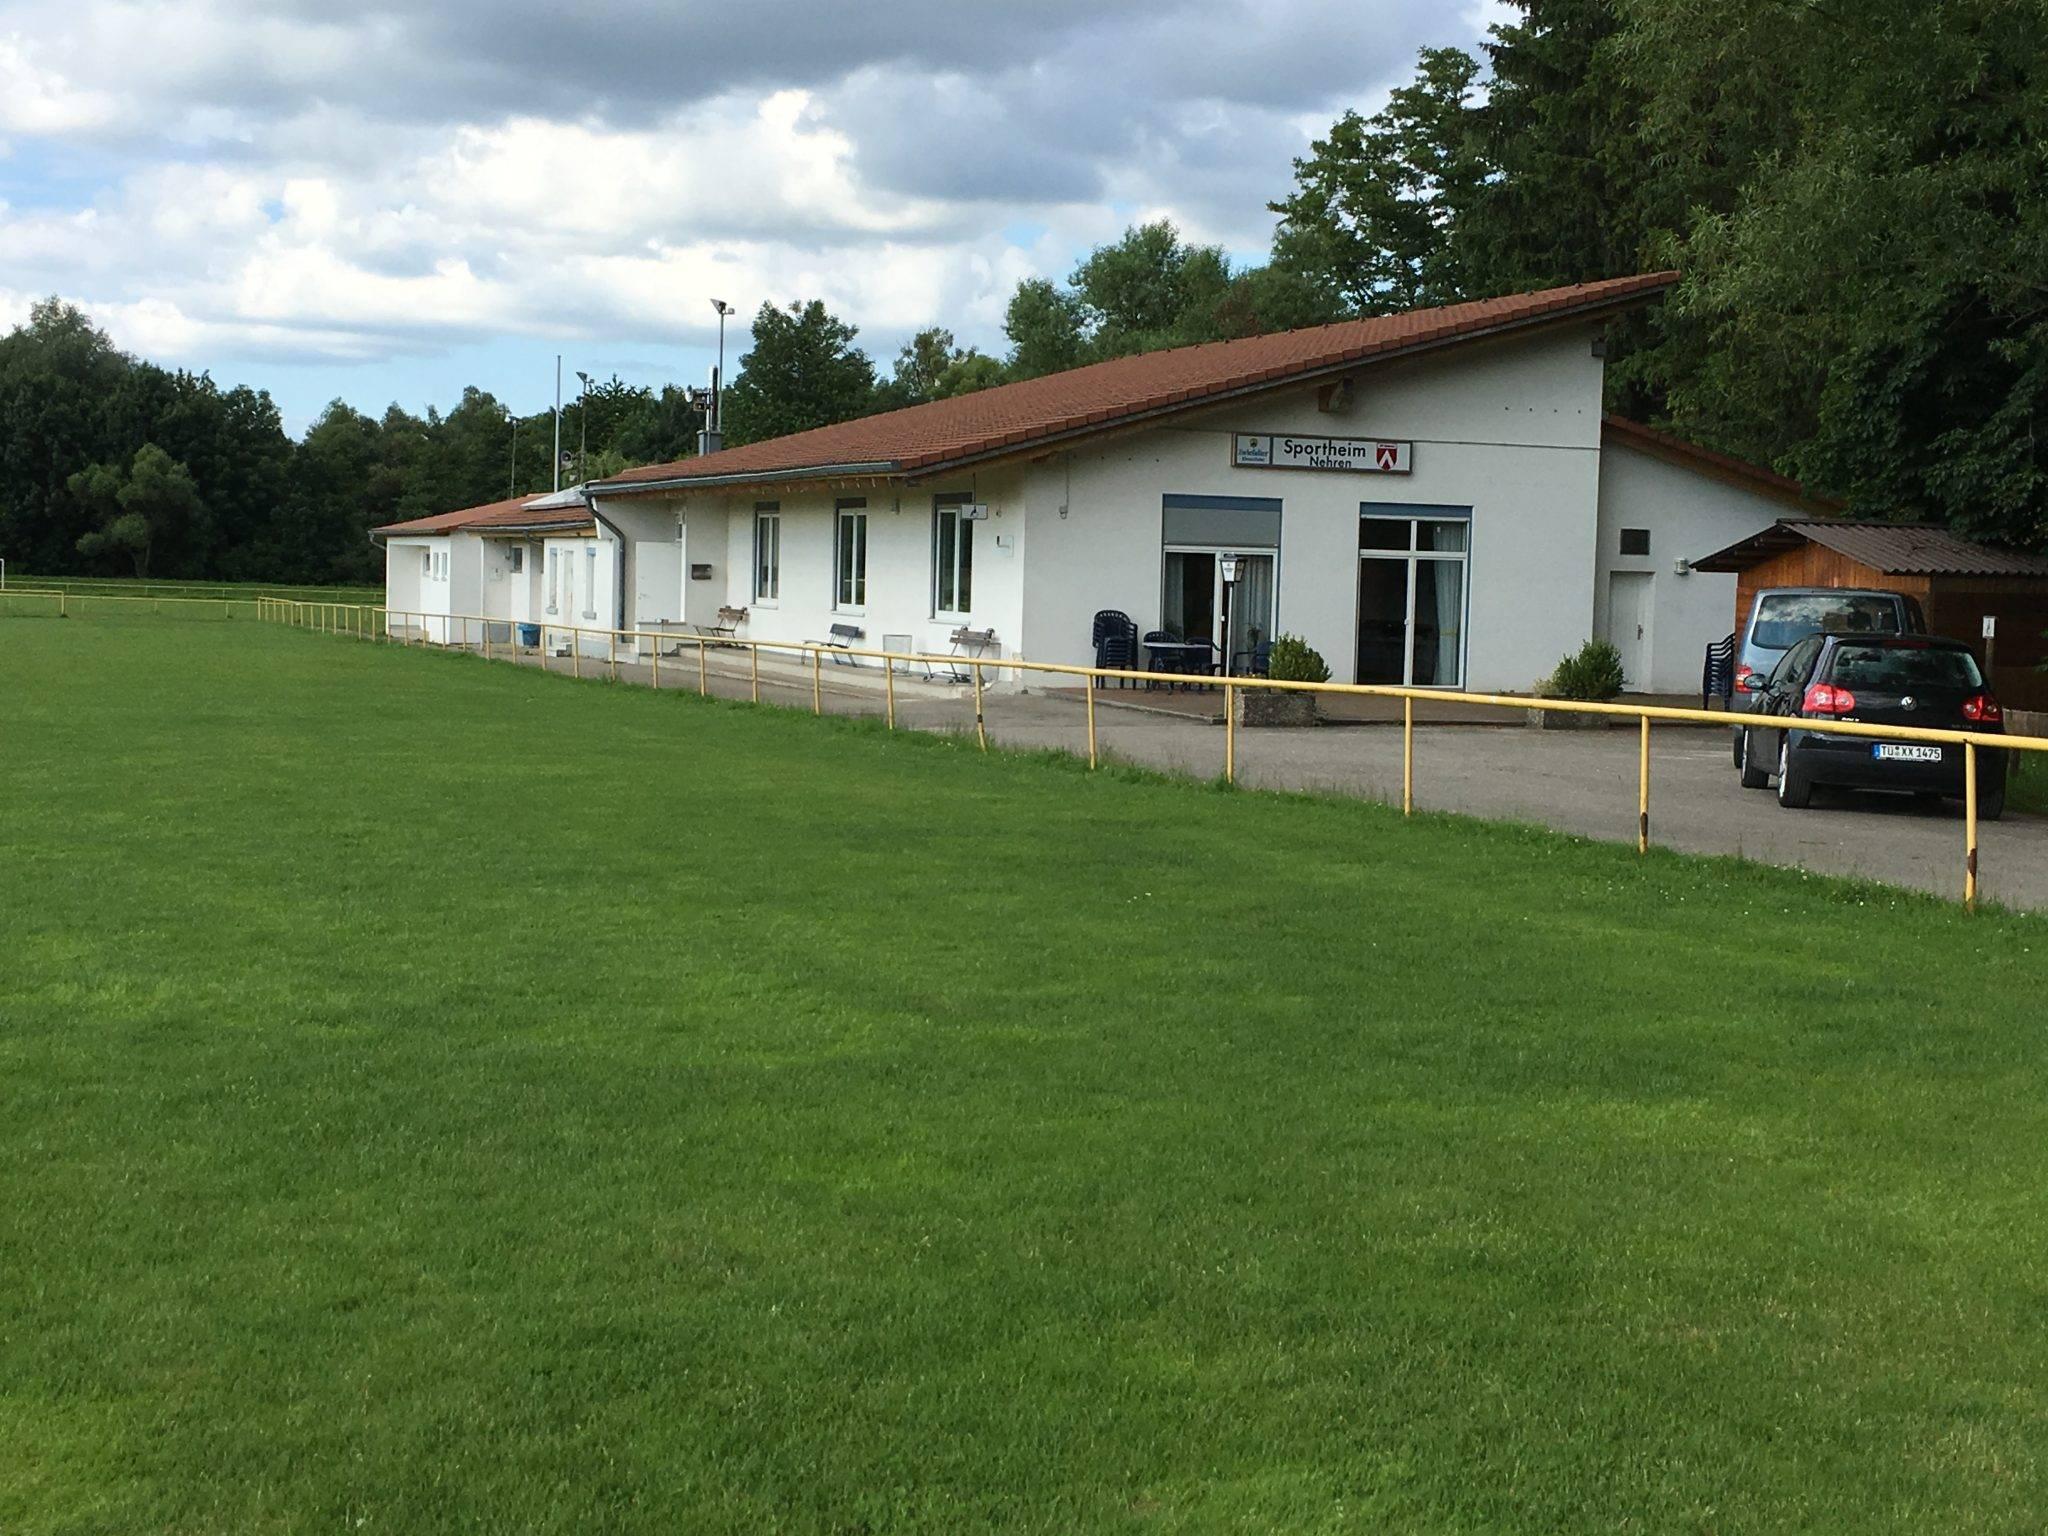 Sportheim bis 21. Juni geschlossen